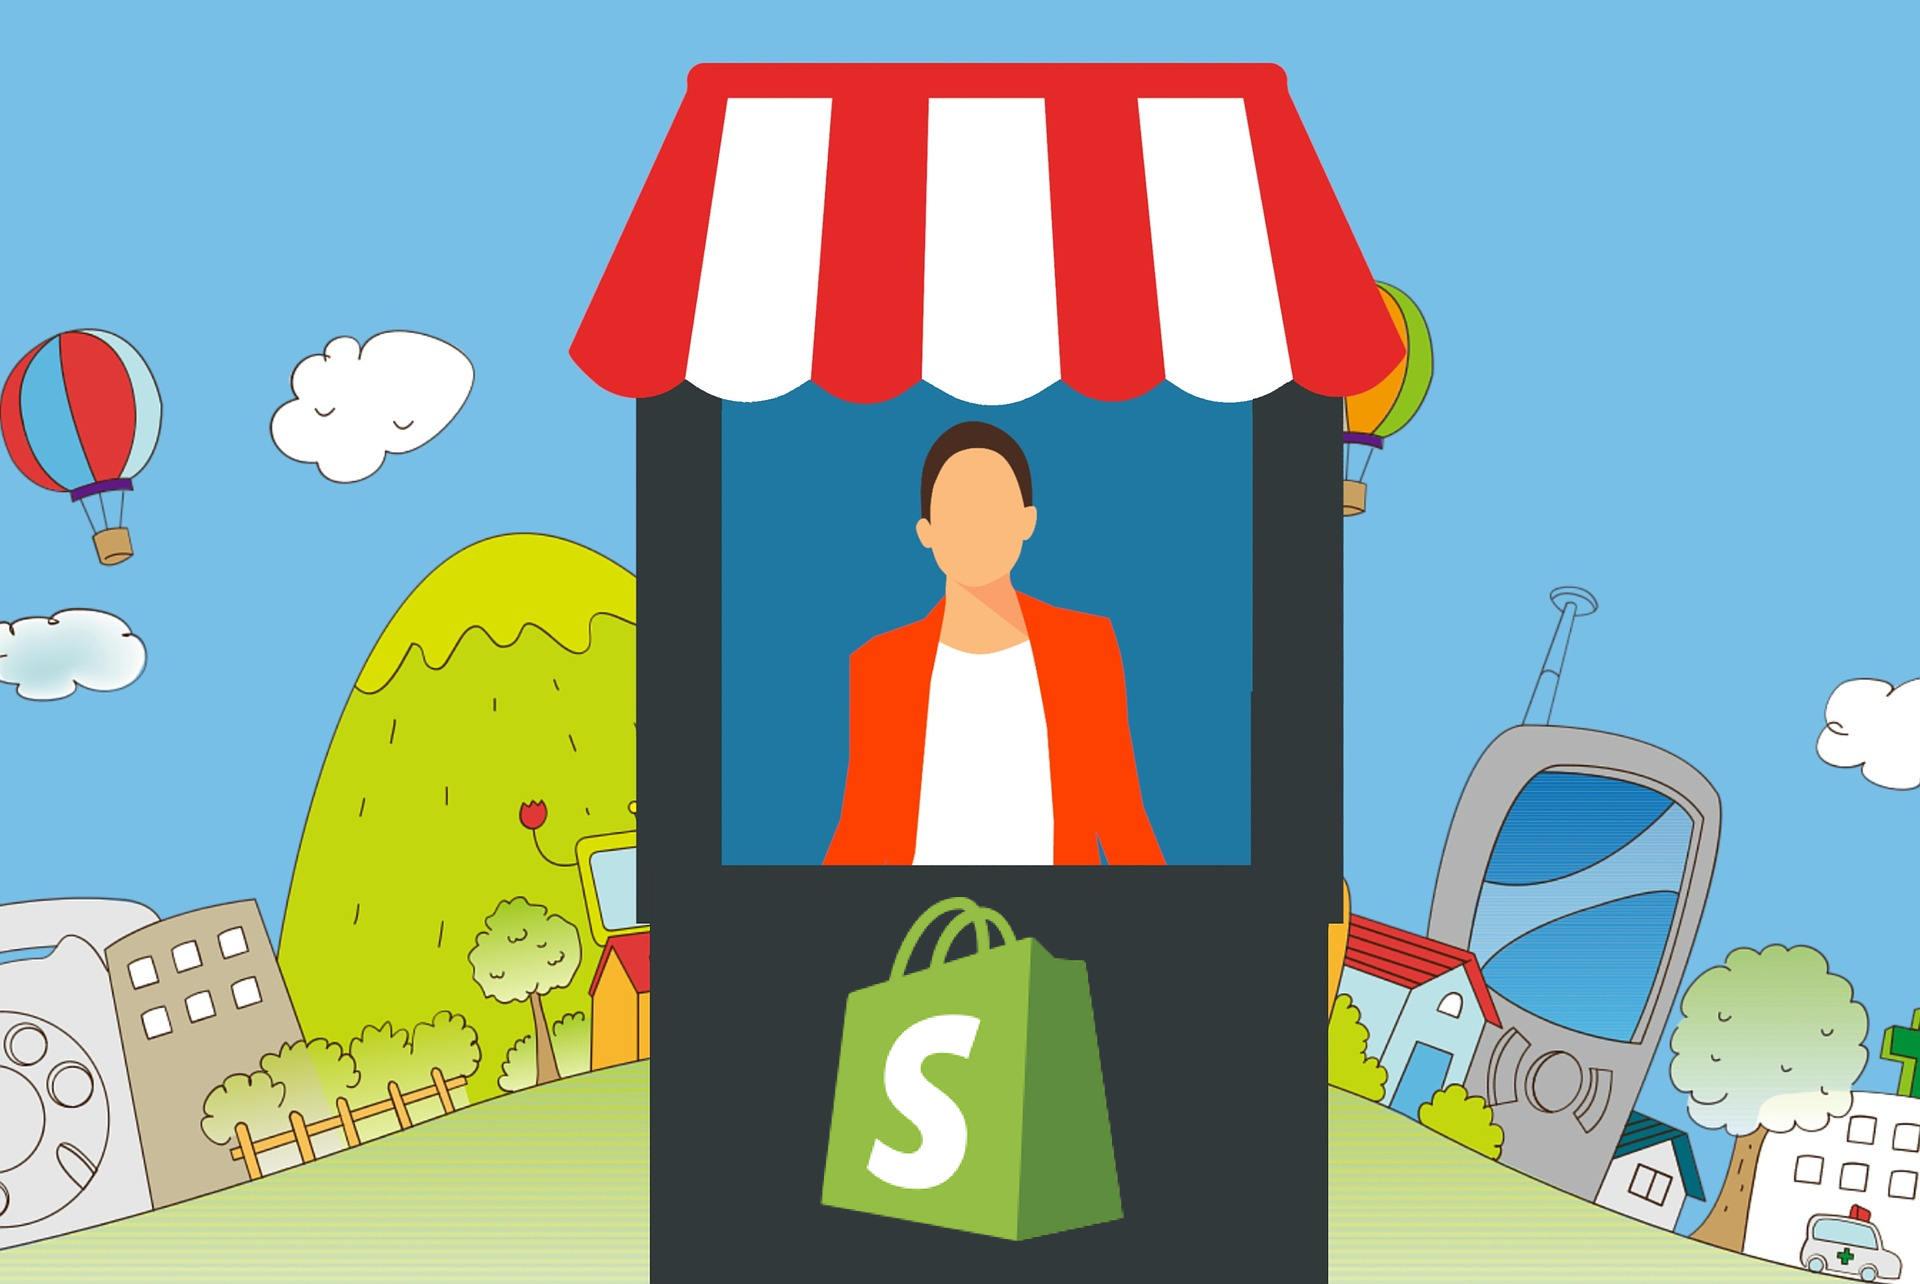 Hai un'attività stagionale? Online puoi vendere anche in inverno!